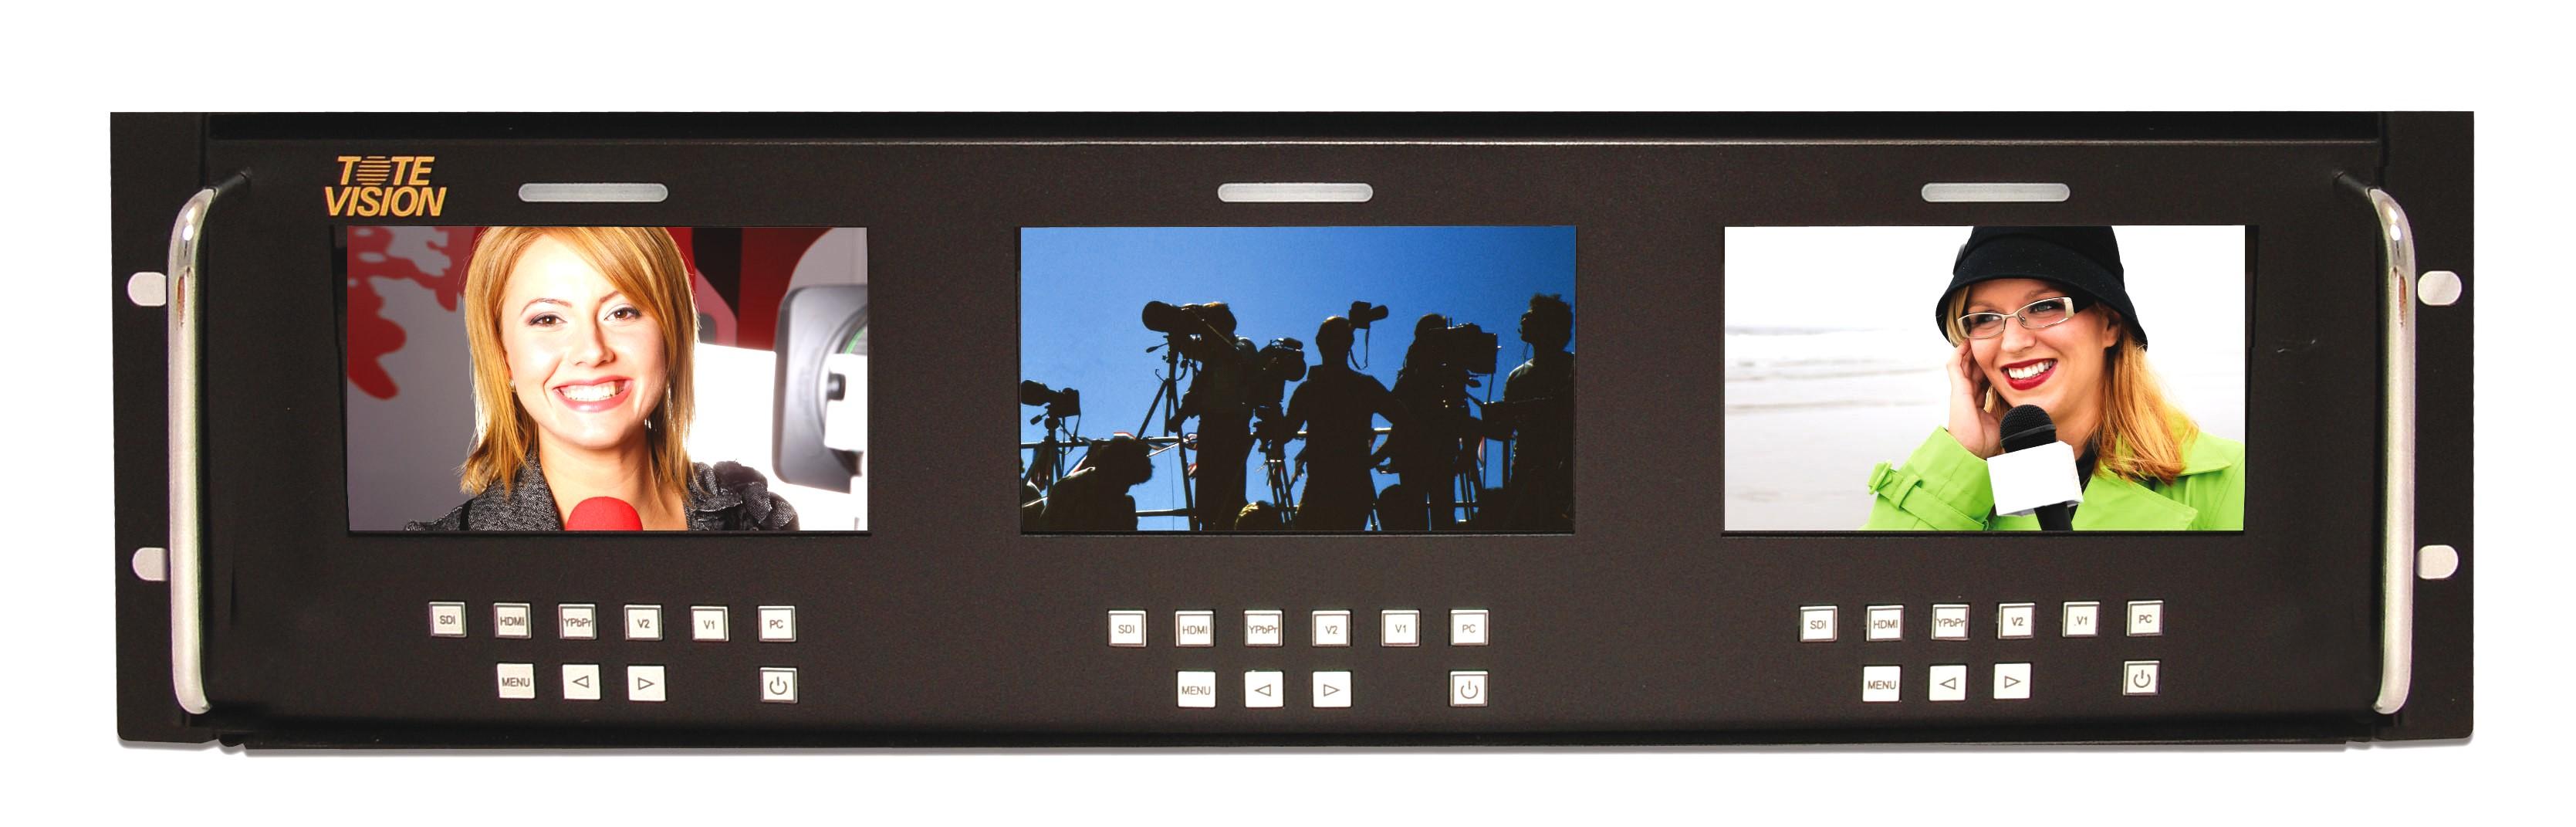 Artikelfoto ToteVision LED-500X3-3GSDI 3x5 Zoll Rackmount Monitor